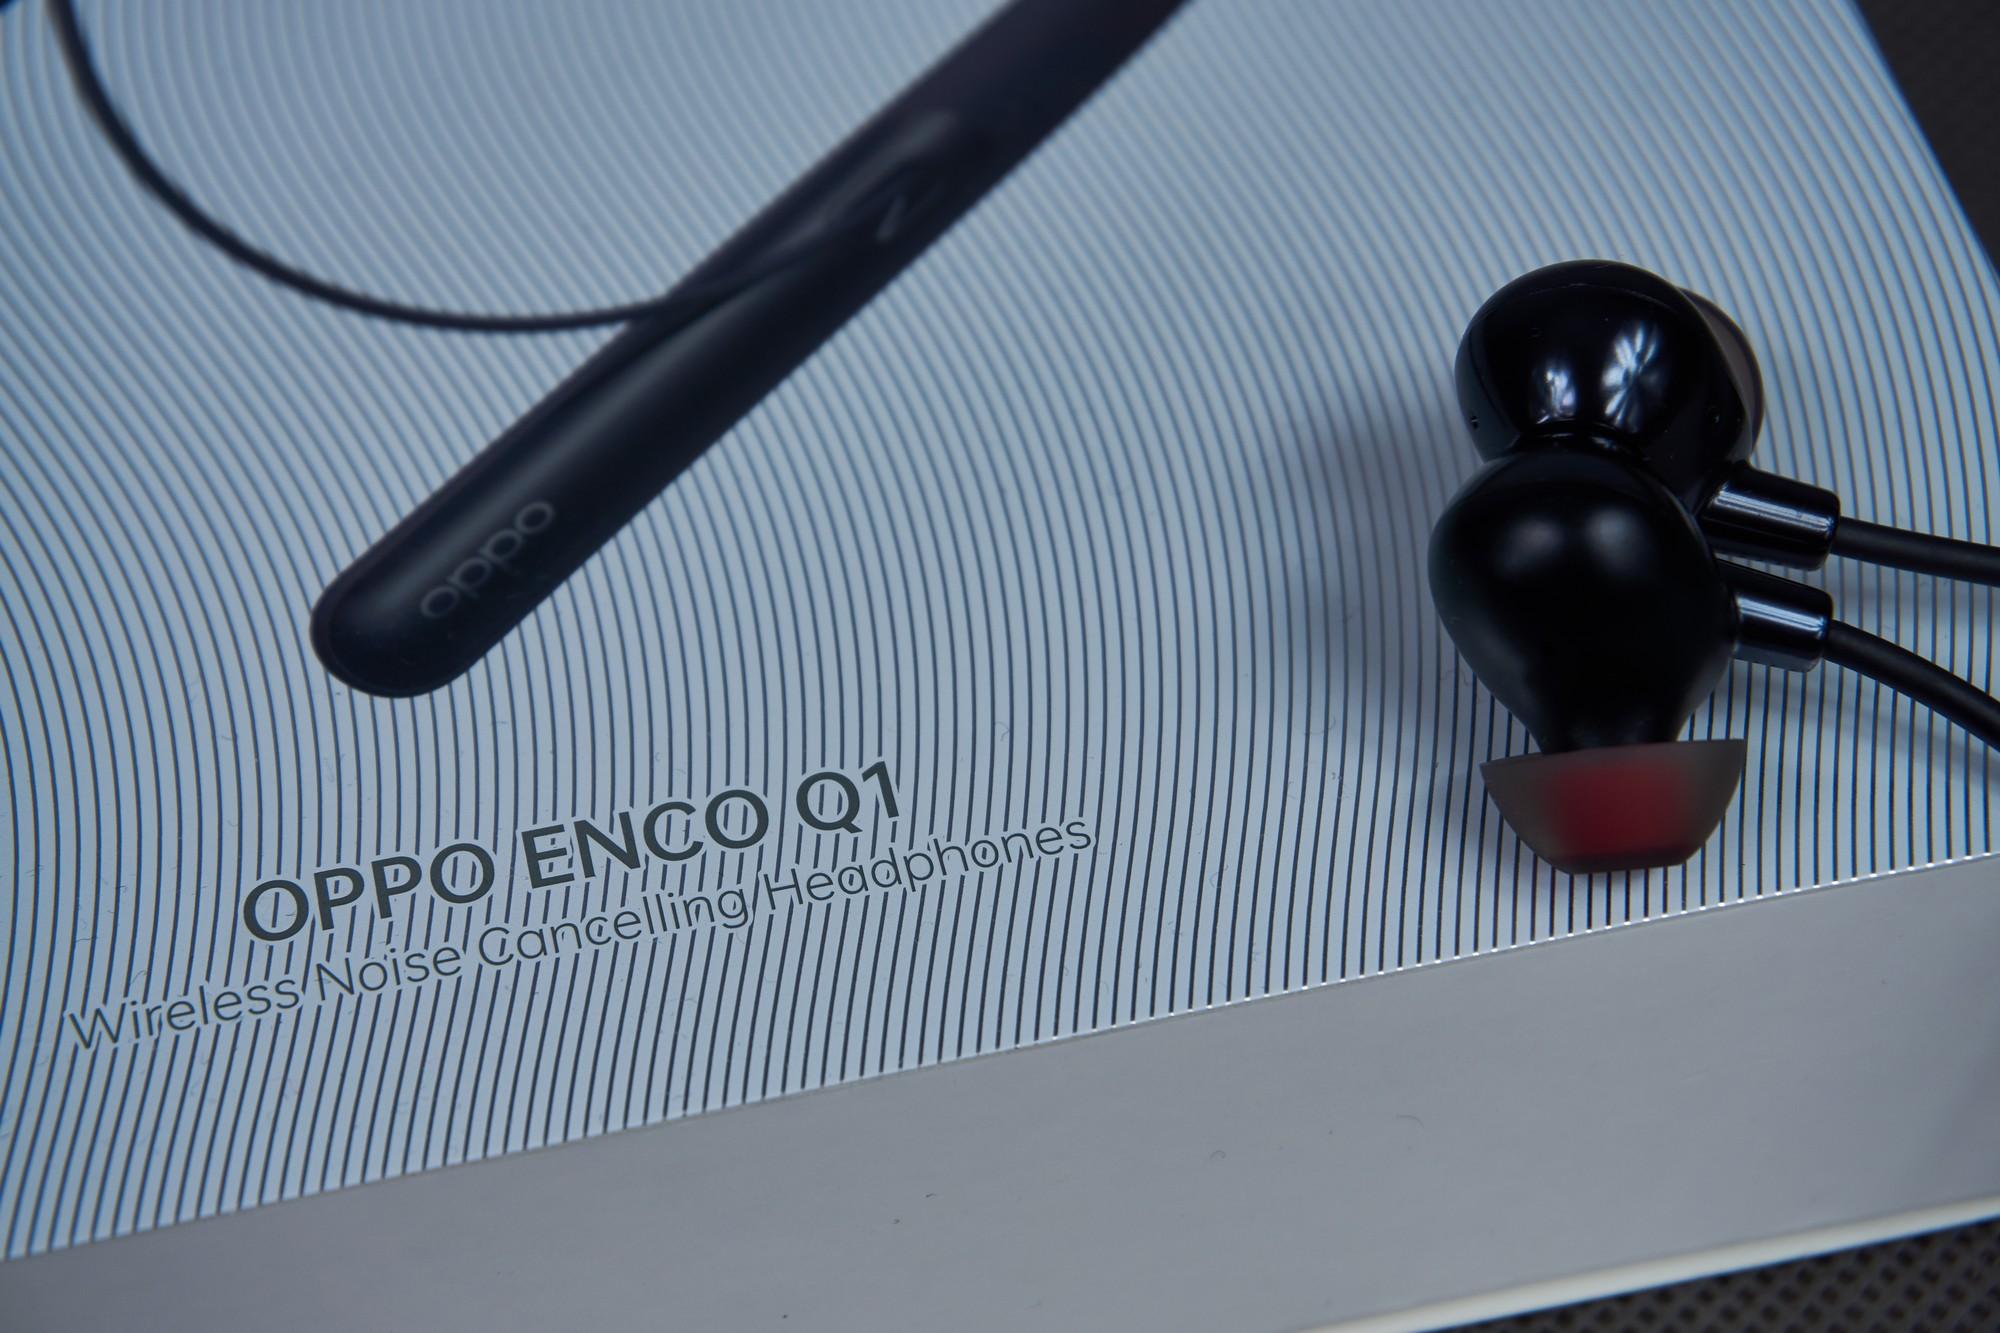 Recenzja Oppo Enco Q1 - tak wygląda pozytywne zaskoczenie